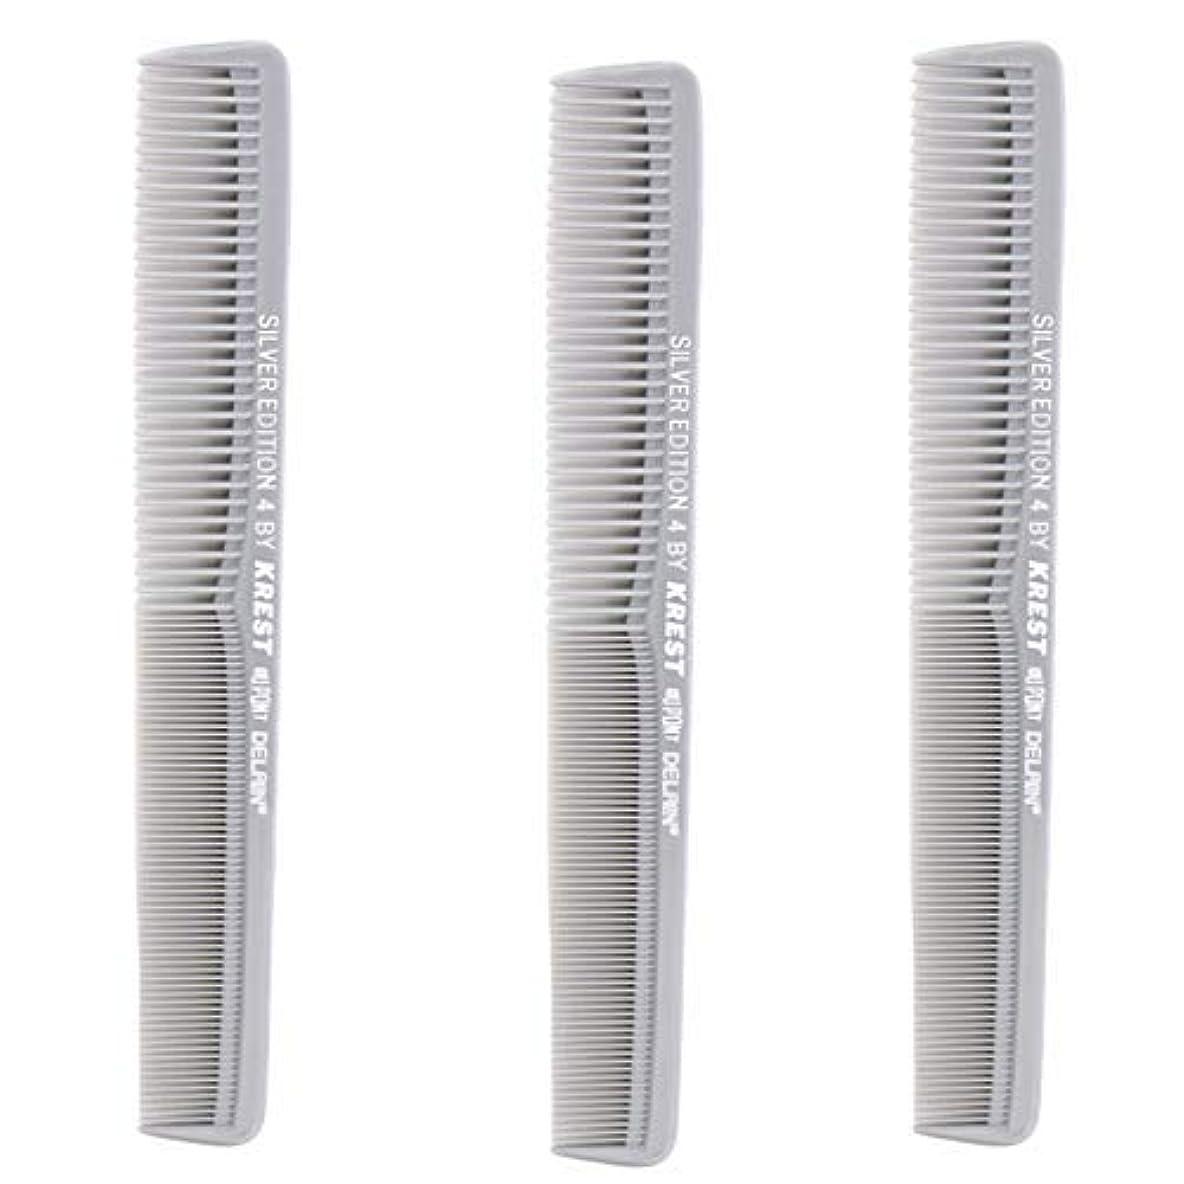 ドナーメキシコテメリティKrest Comb 7 In. Silver Edition Heat Resistant All Purpose Hair Comb Model #4 [並行輸入品]